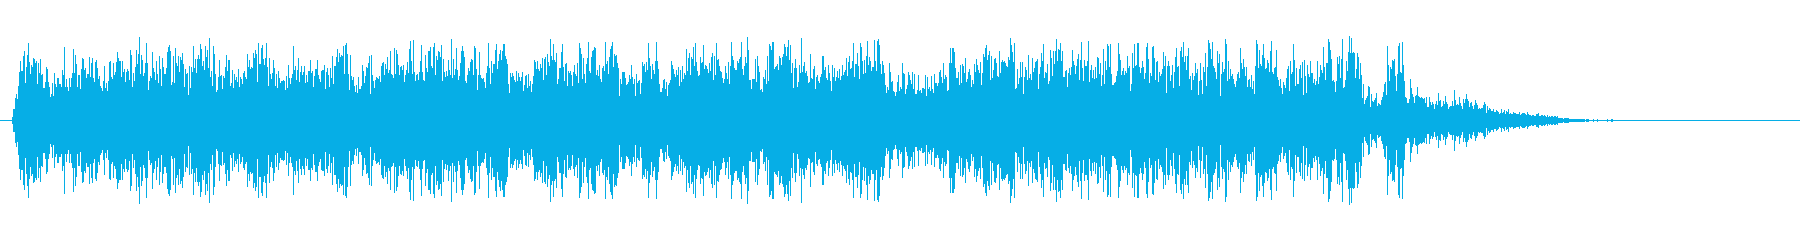 シューウァという爽やかな効果音の再生済みの波形